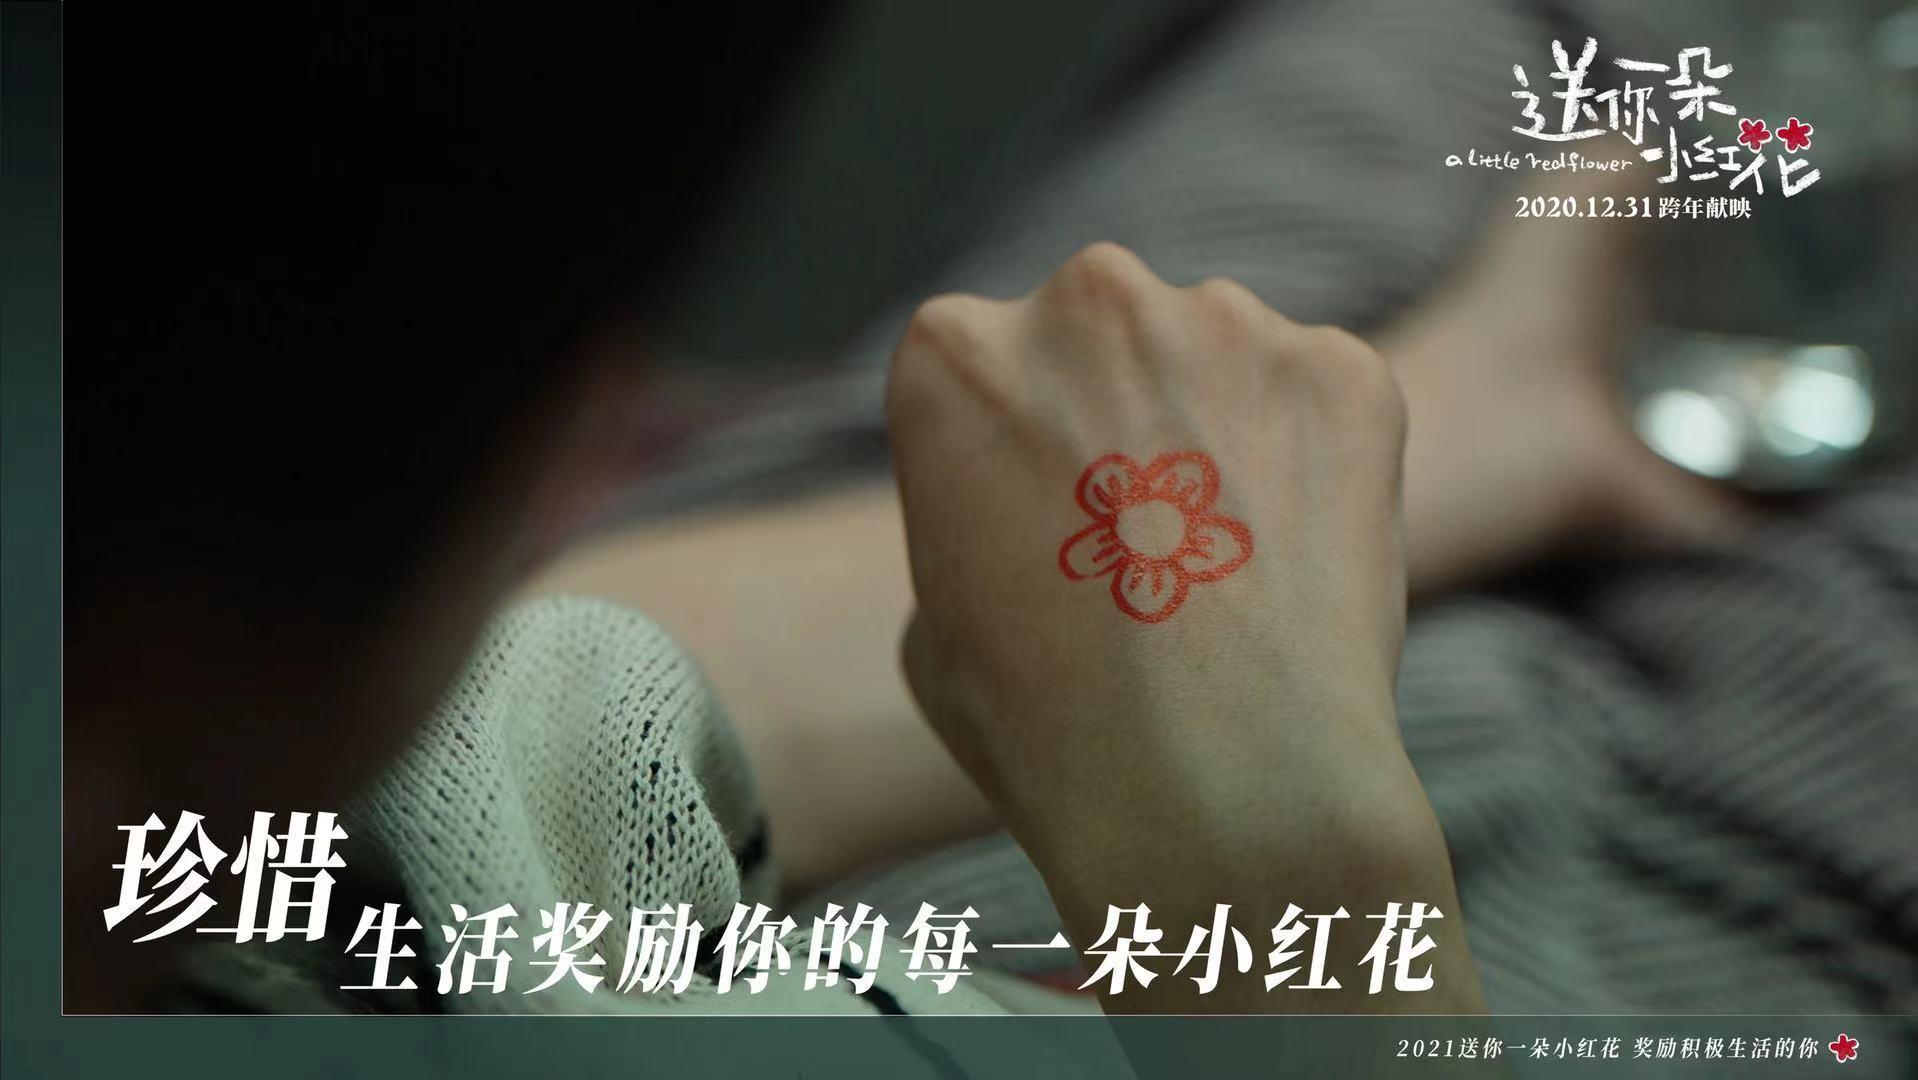 《送你一朵小红花》每个人都需要一朵小红花,因为代表温暖和勇气